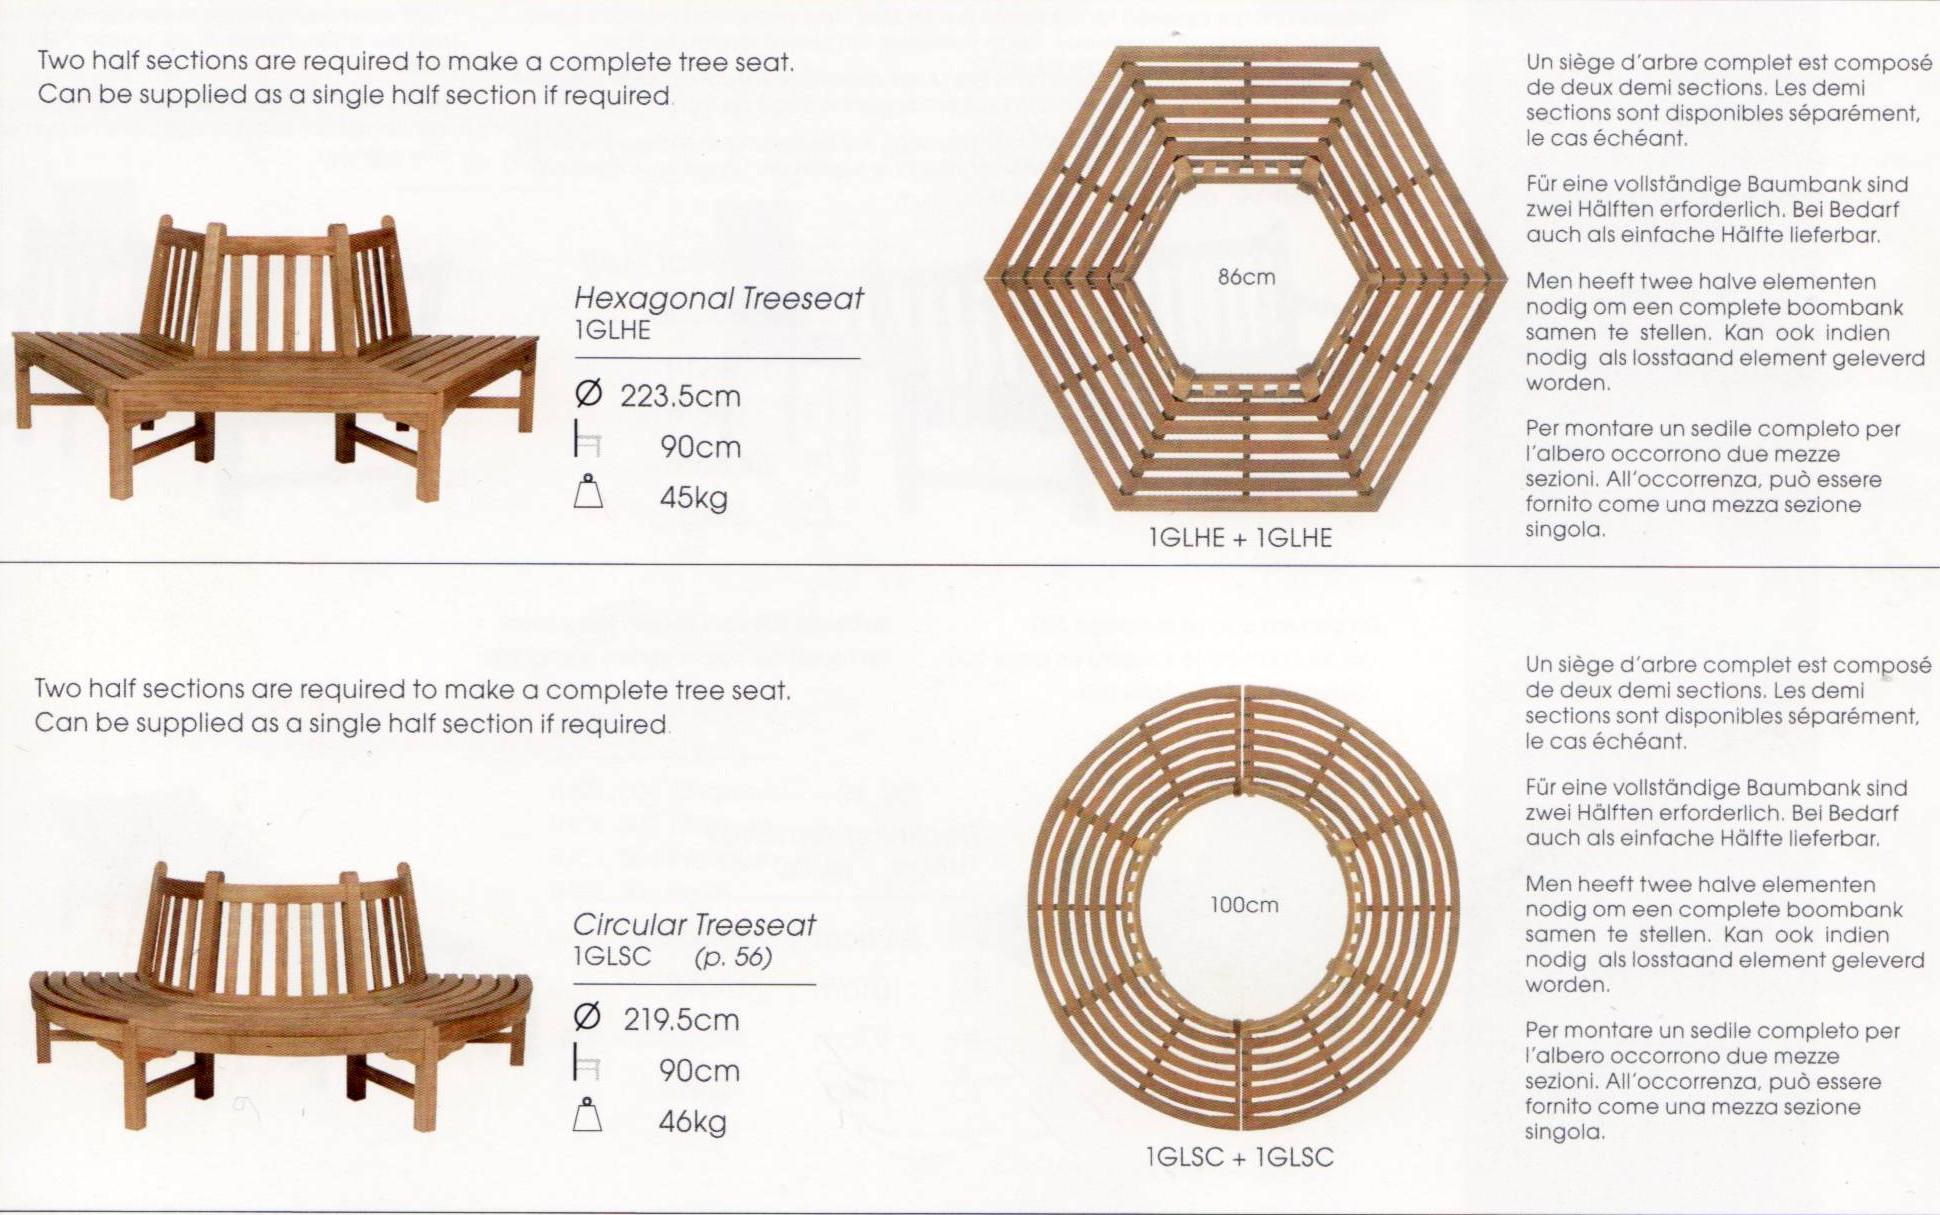 baumbank glenham hexagon glhe von werkdesign im designlager d lmen. Black Bedroom Furniture Sets. Home Design Ideas